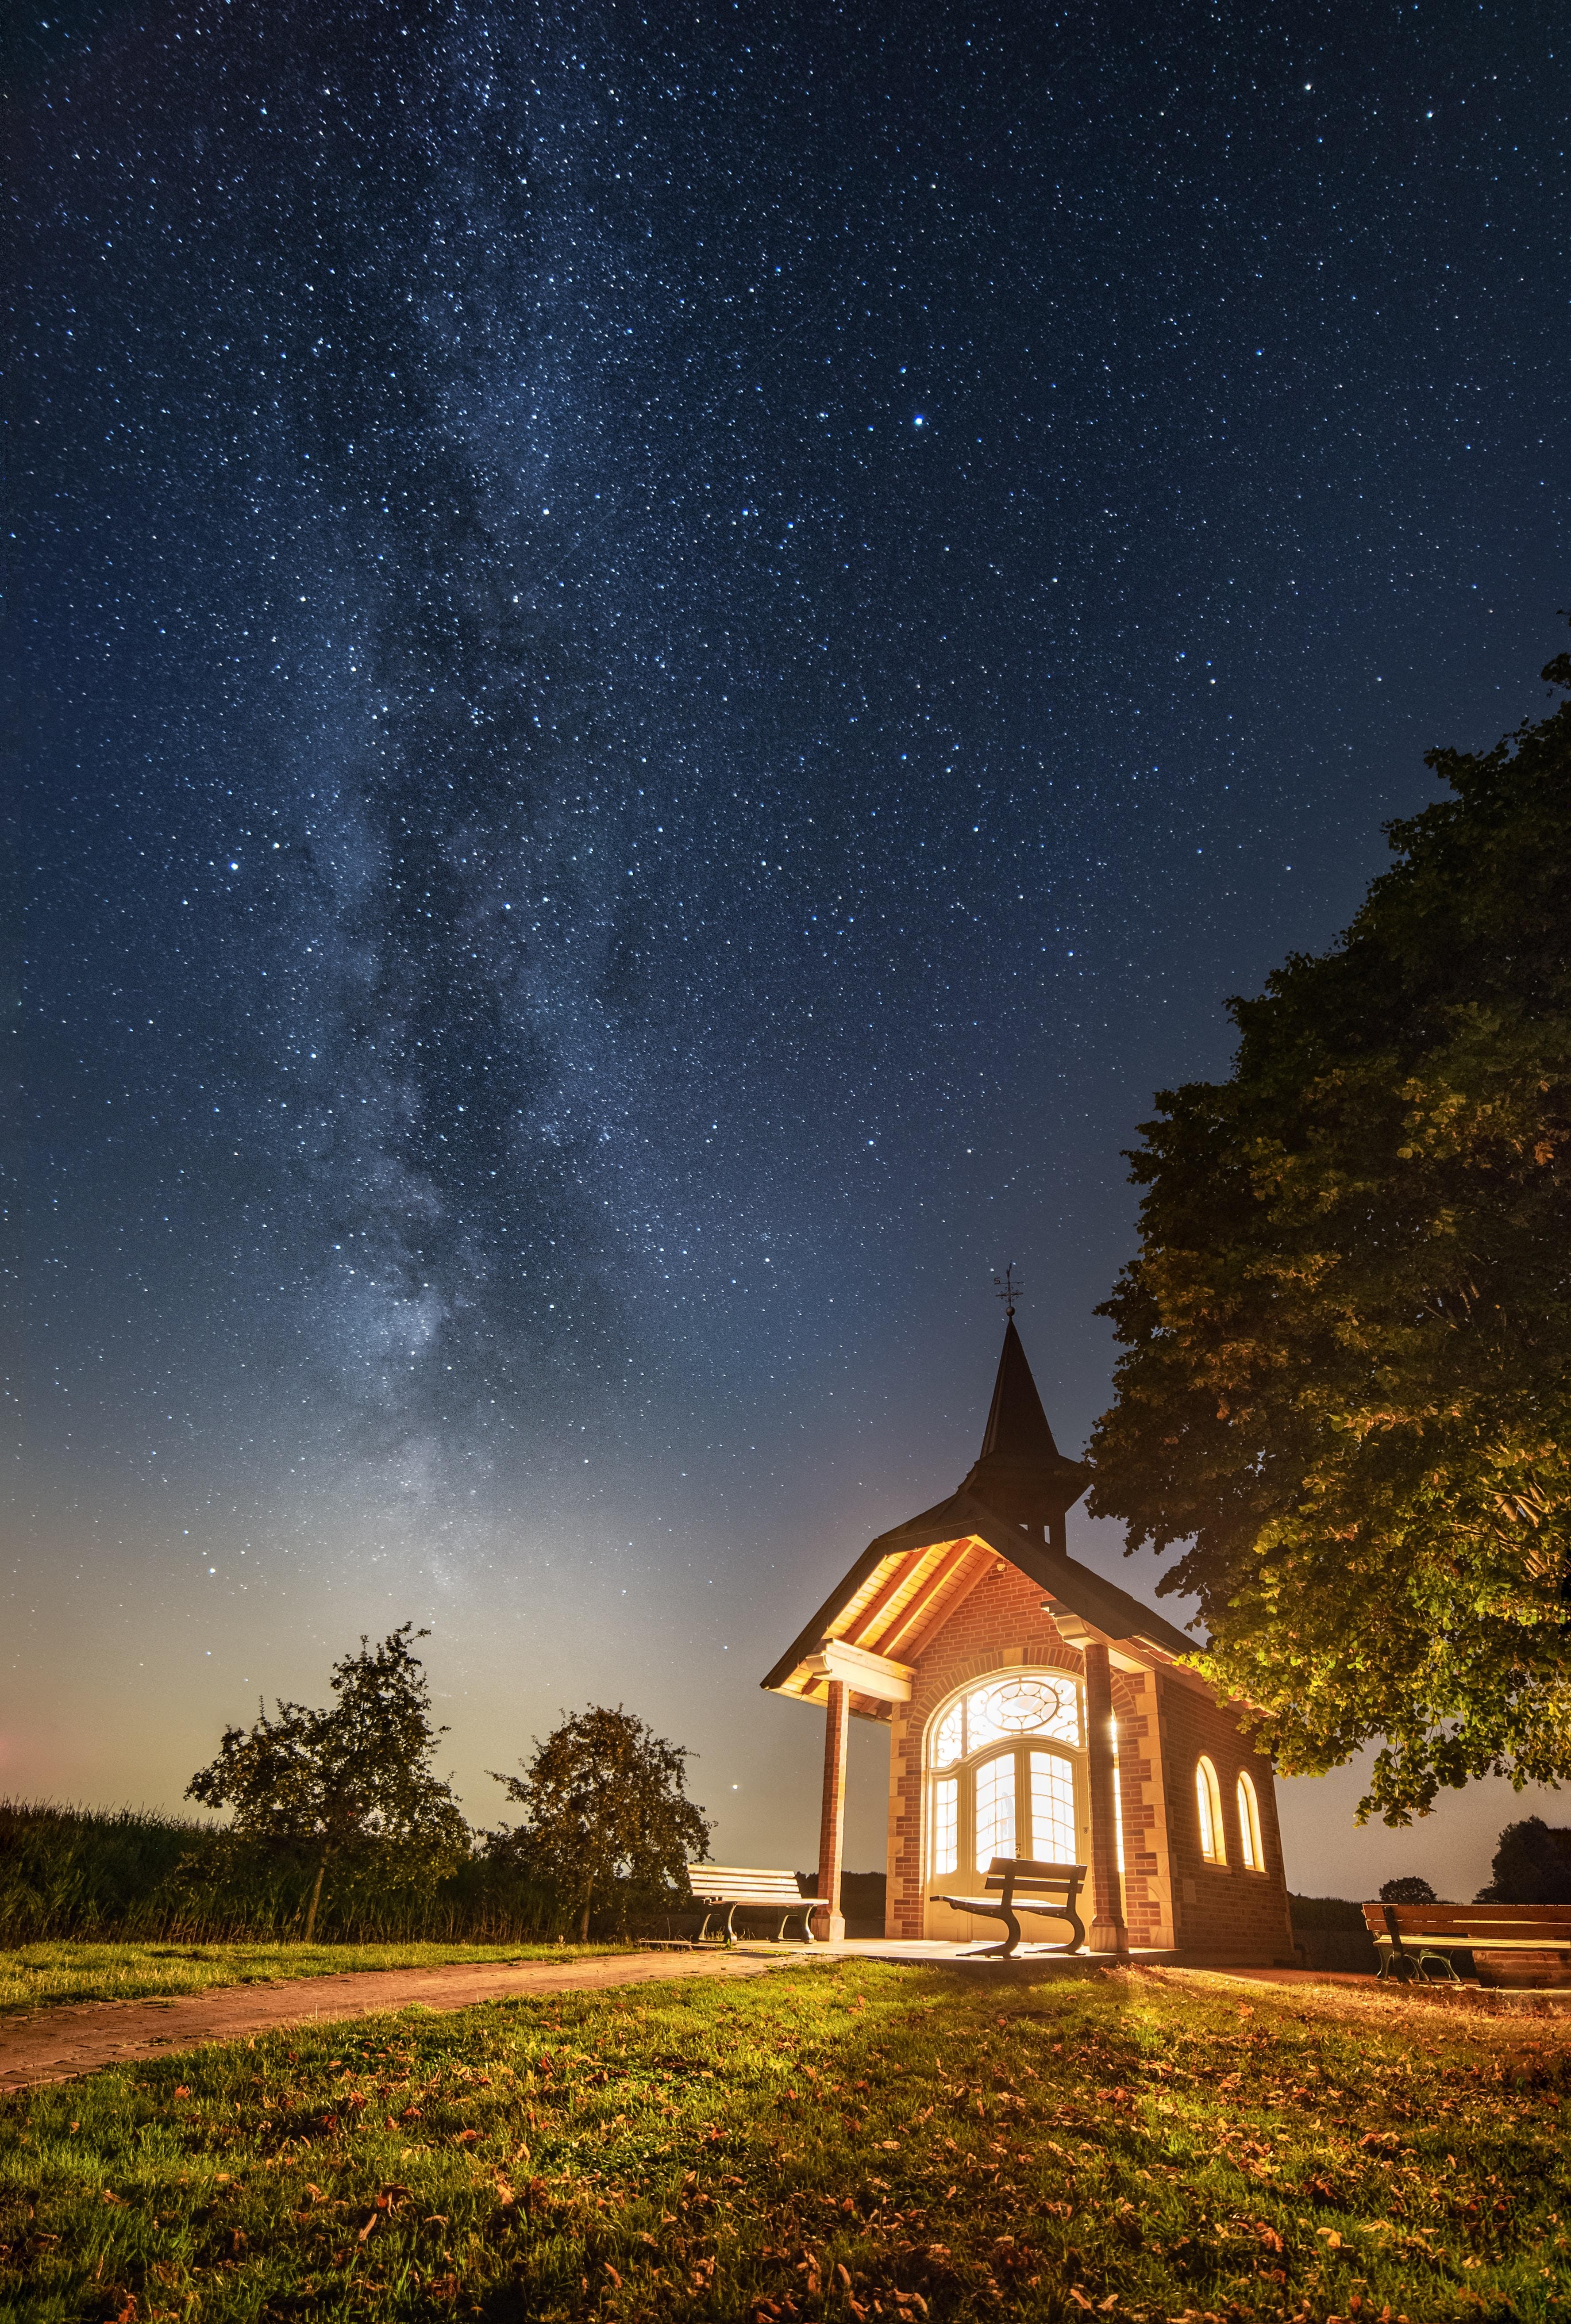 117581 скачать обои Свет, Архитектура, Ночь, Разное, Звездное Небо, Здание - заставки и картинки бесплатно